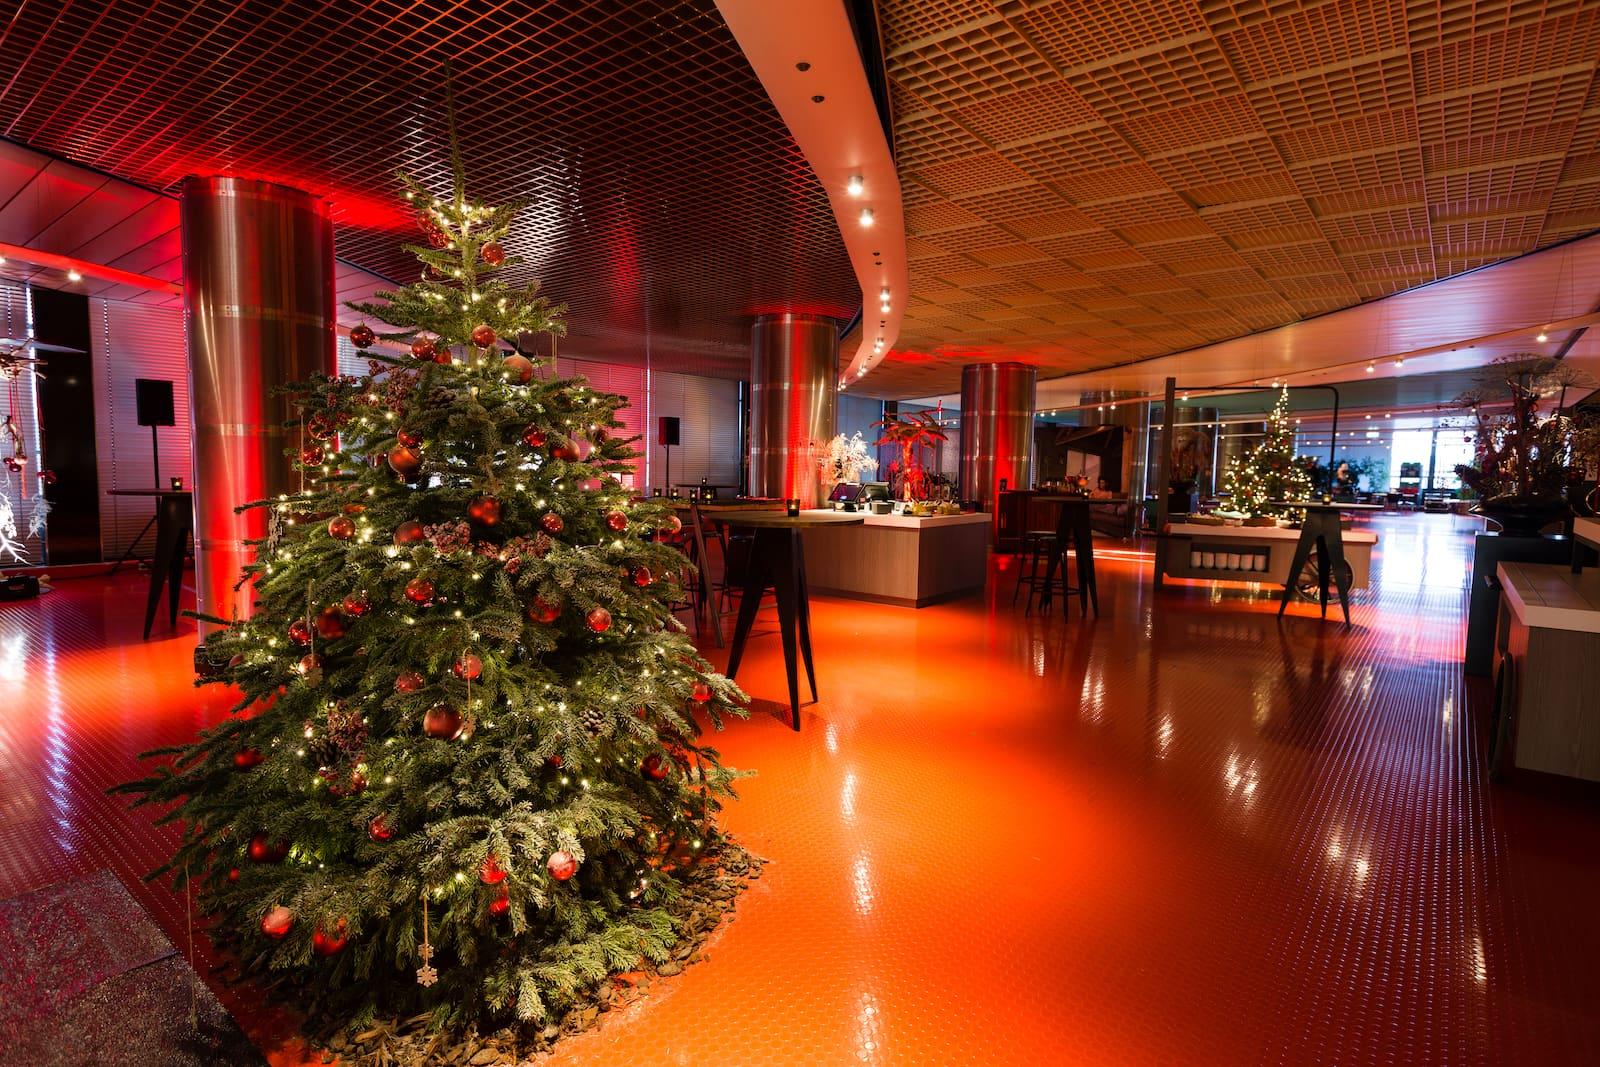 Bas de Boer Eventstyling Weihnachtsdekoration Traditional Weihnachtsbaum weihnachtsparty www.basdeboer eventstyling.de  - Weihnachtsfeier Eventstyling